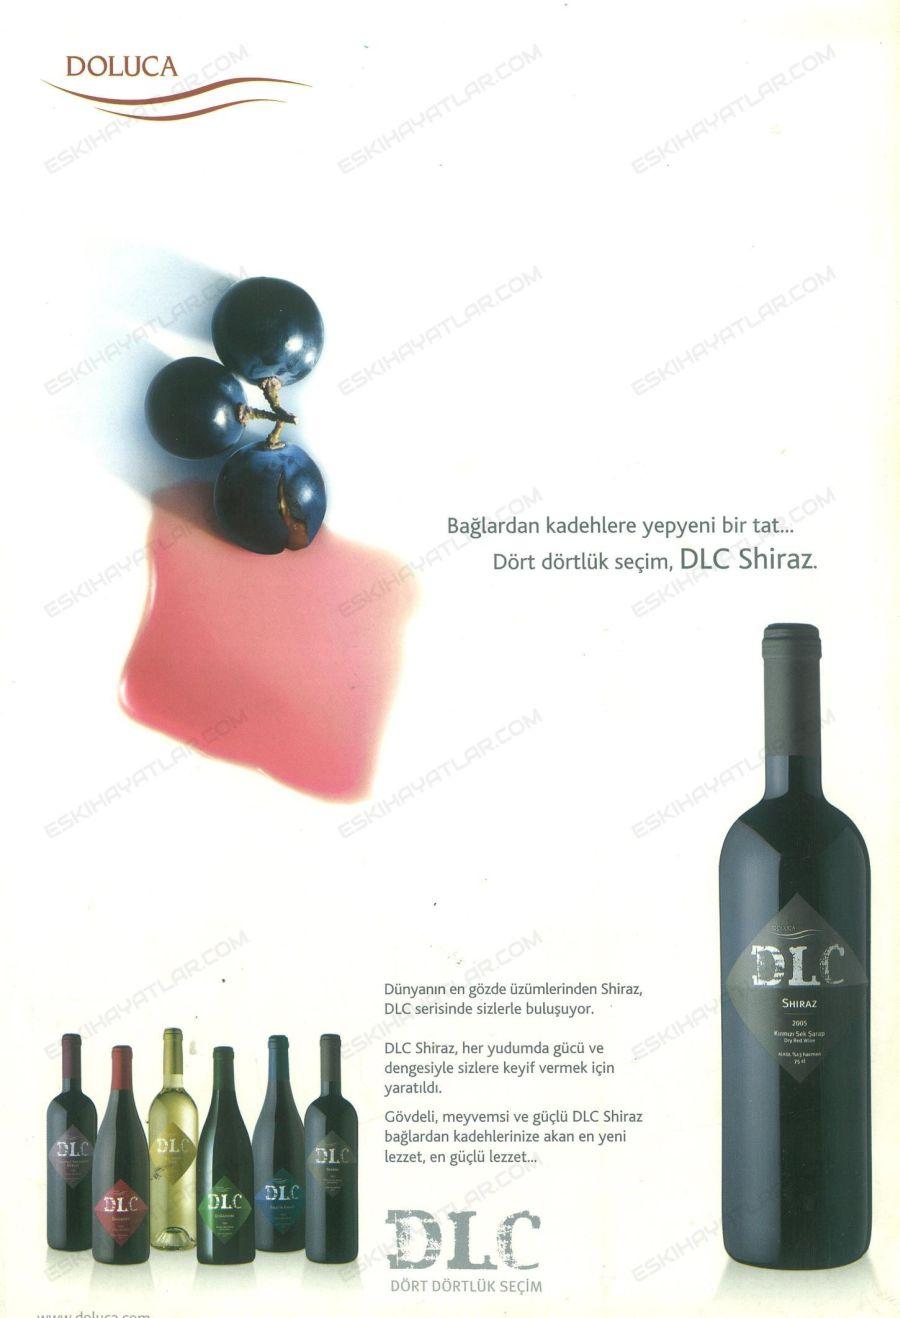 0666-doluca-sarap-reklami-dlc-shiraz-dort-dortluk-secim